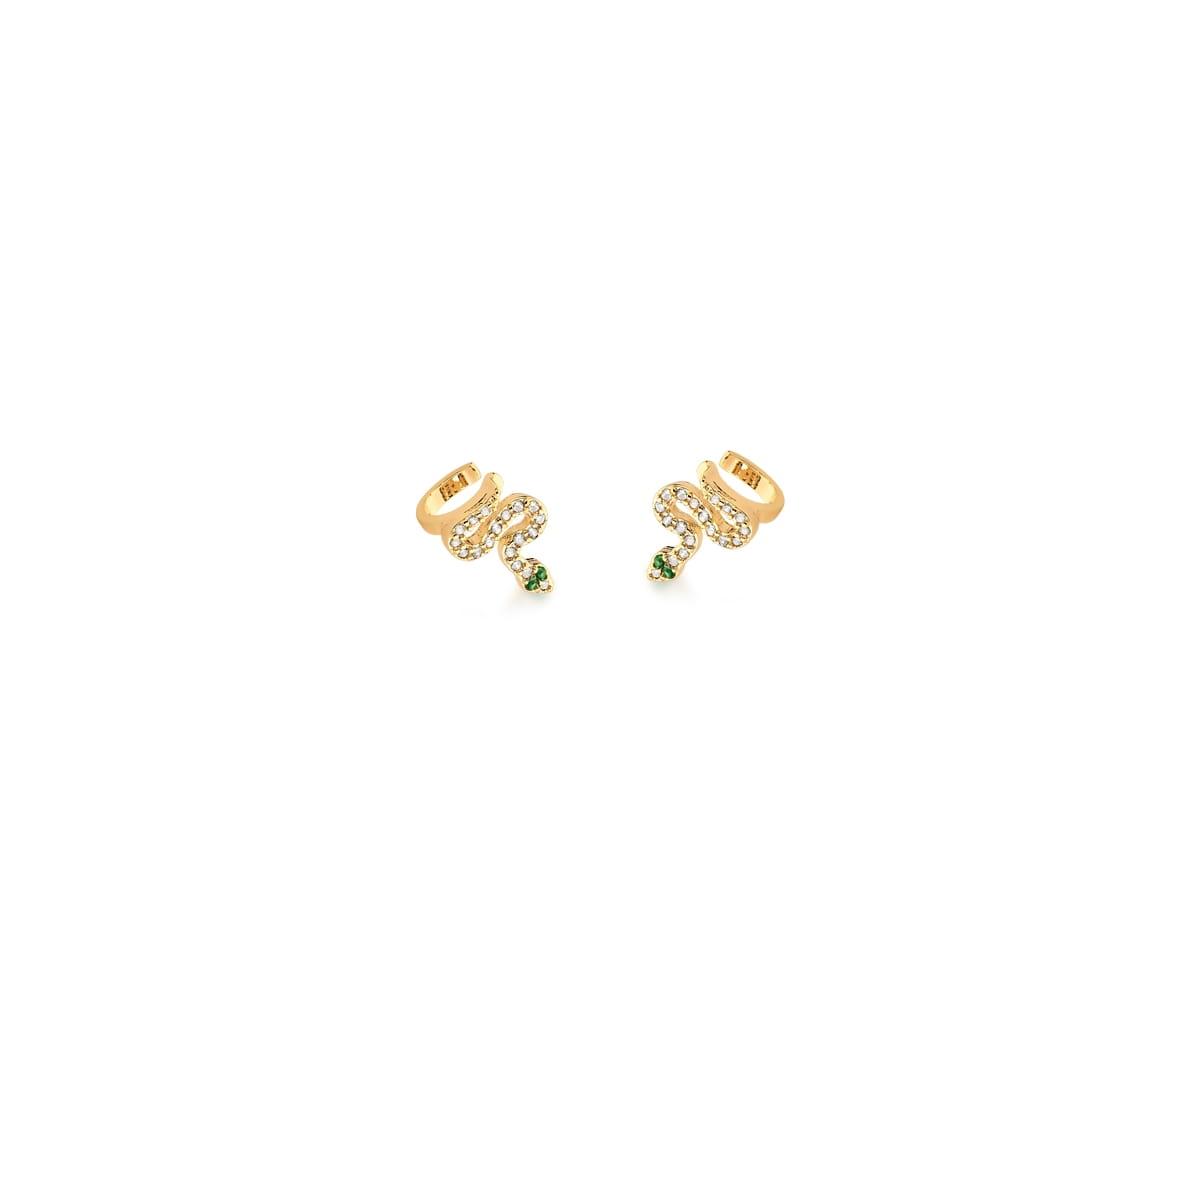 Piercing de Orelha de Cobra com zirconias verdes banhado em ouro 18k